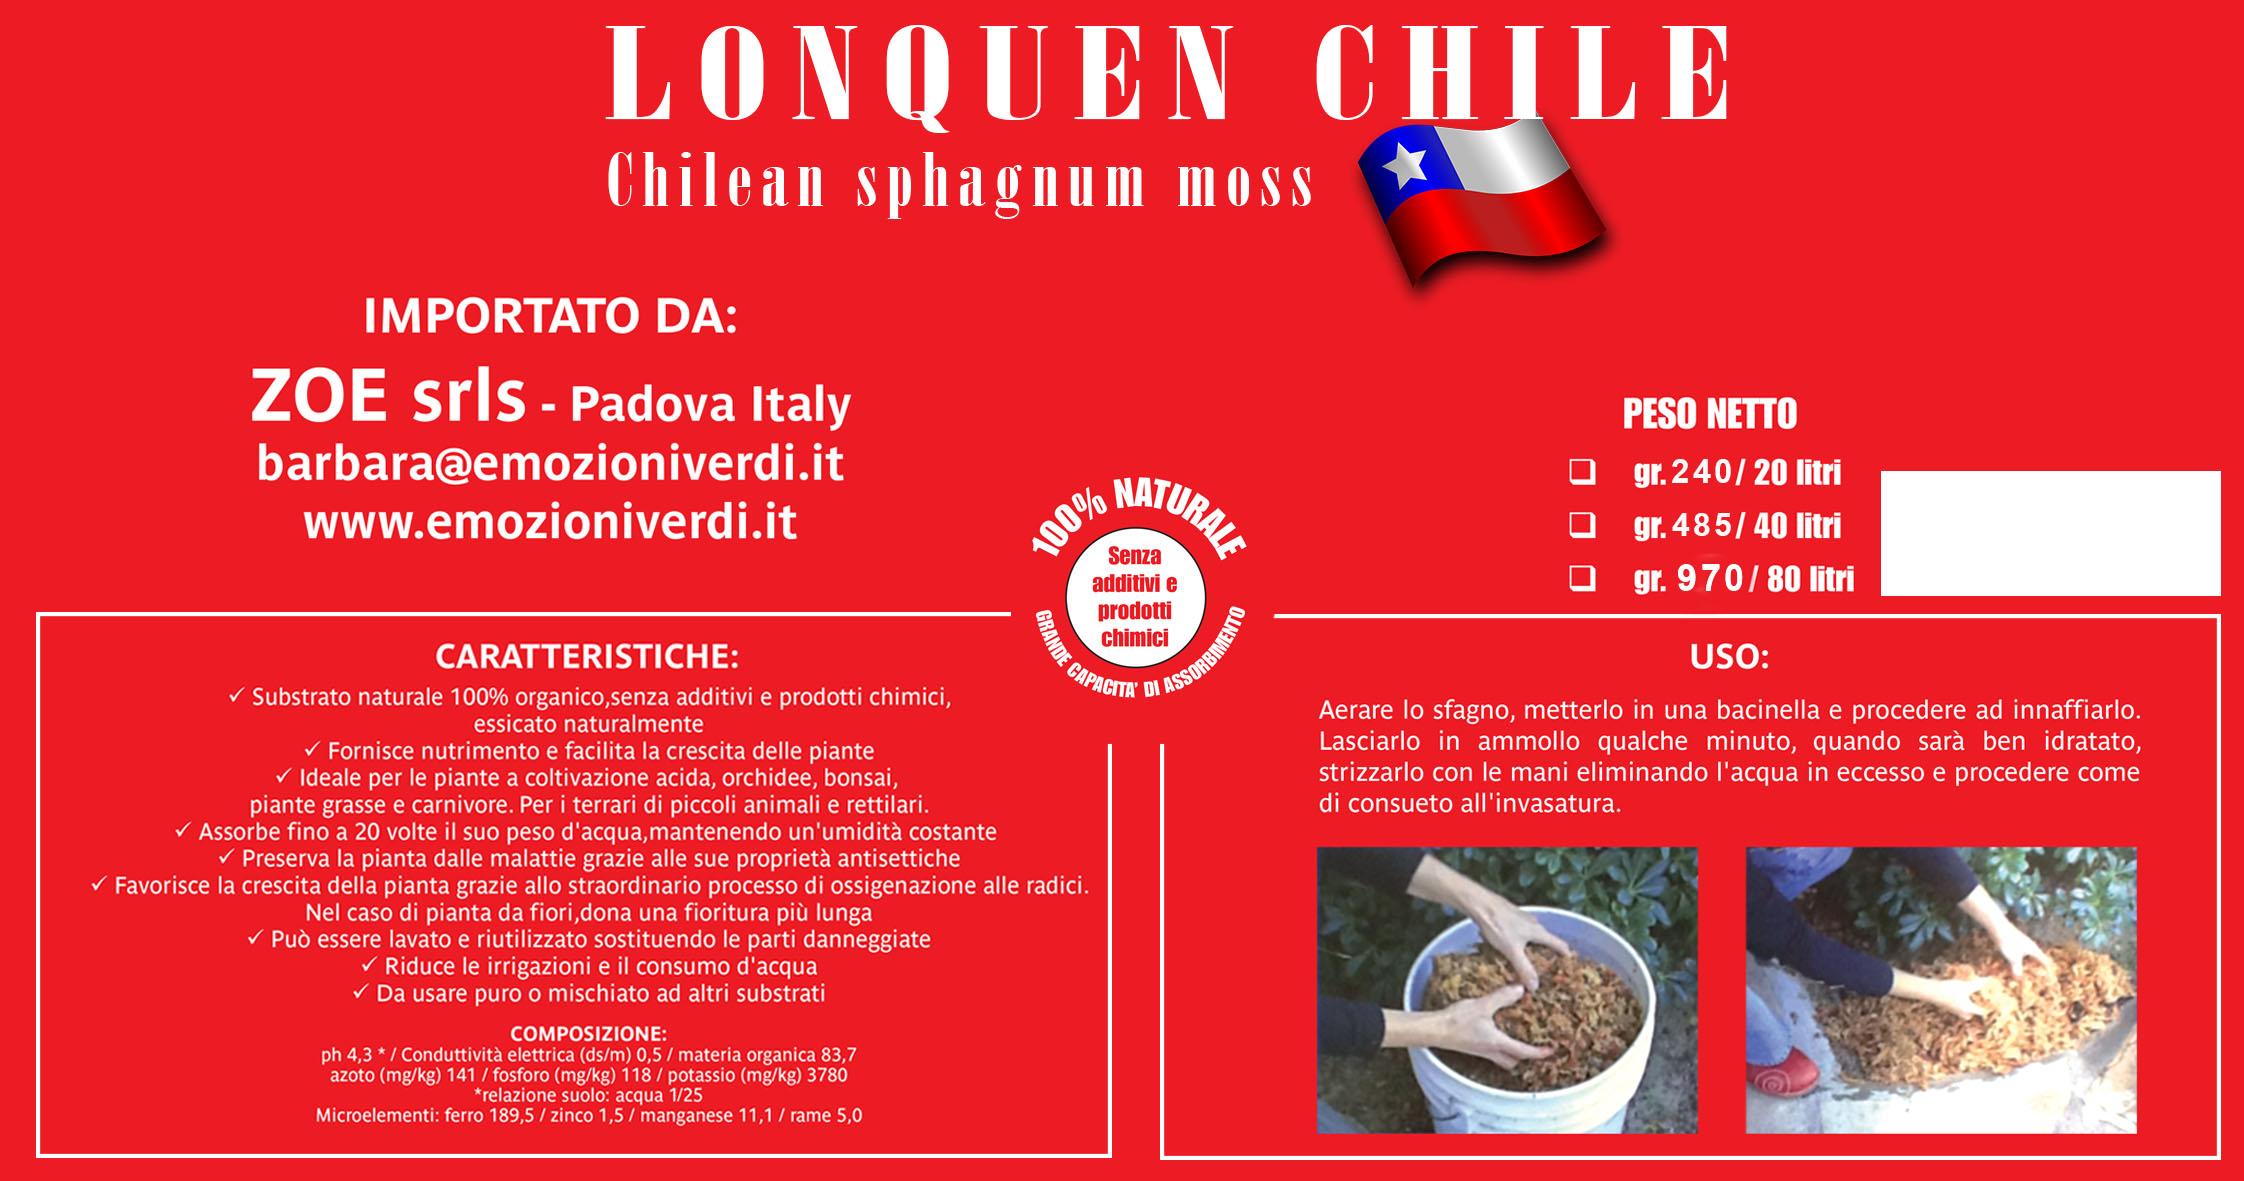 lonquen chile - chilean sphagnum moss